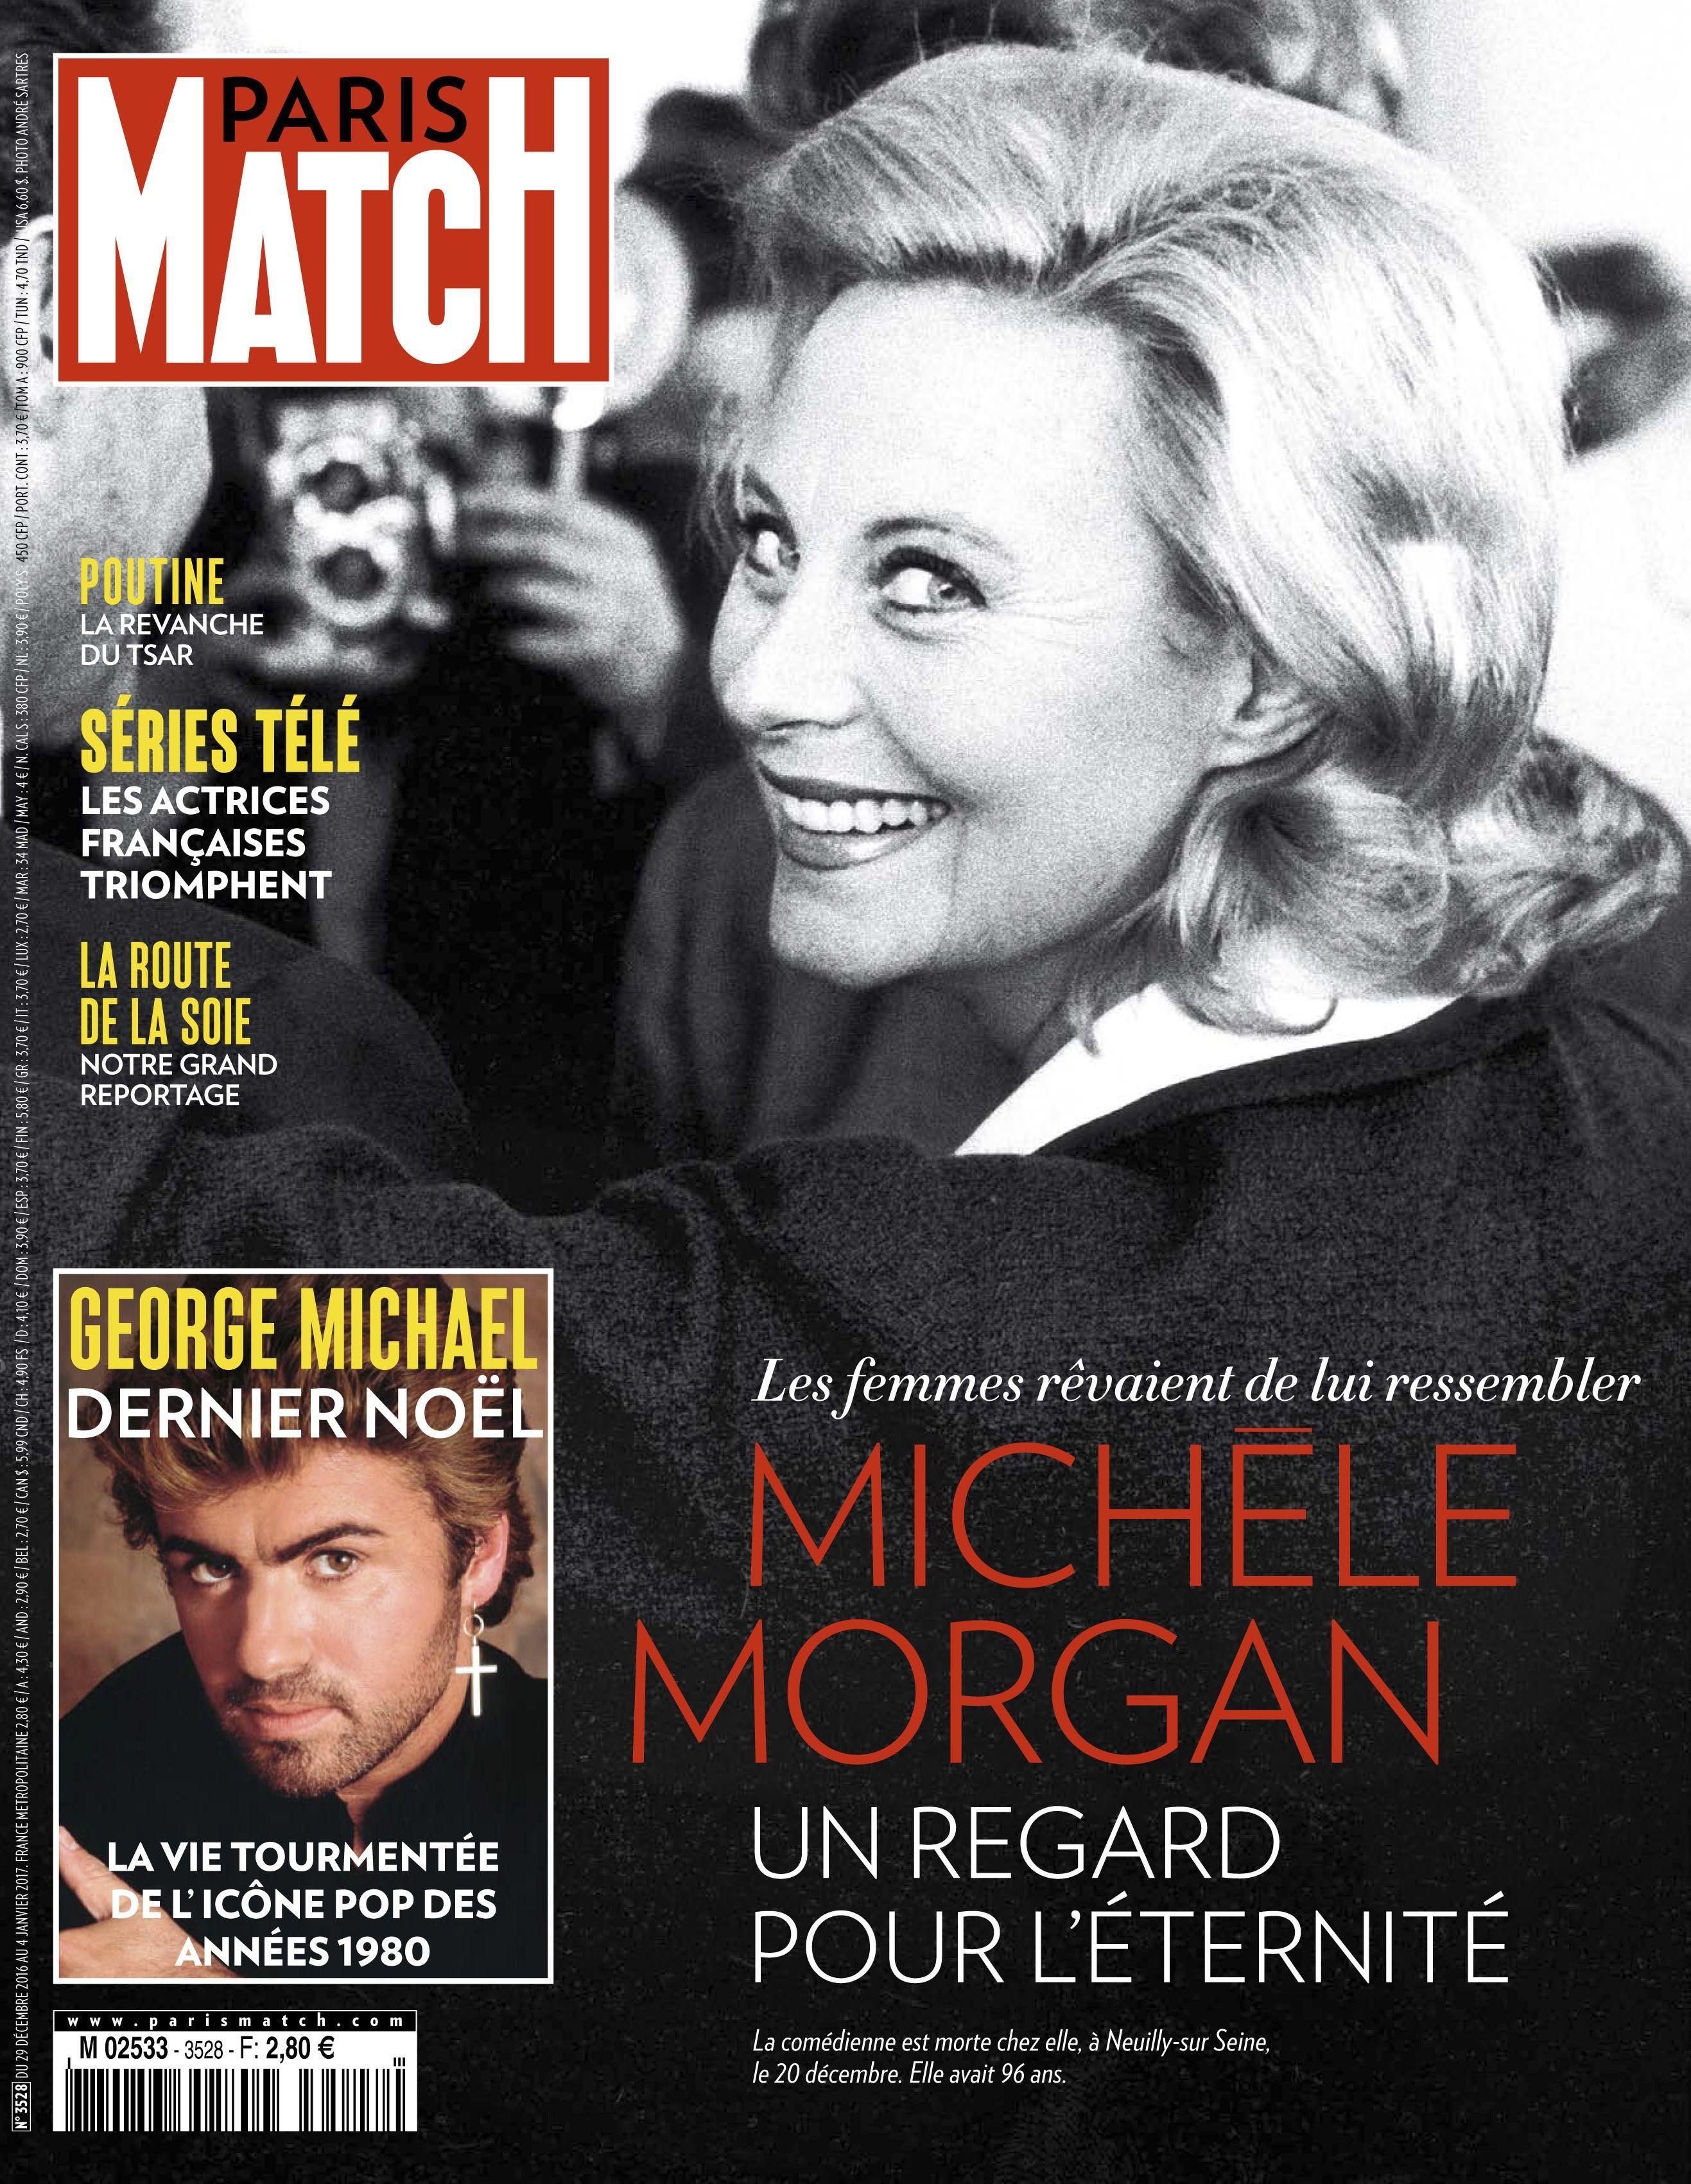 """Une de """"Paris Match"""" avec Michèle Morgan"""